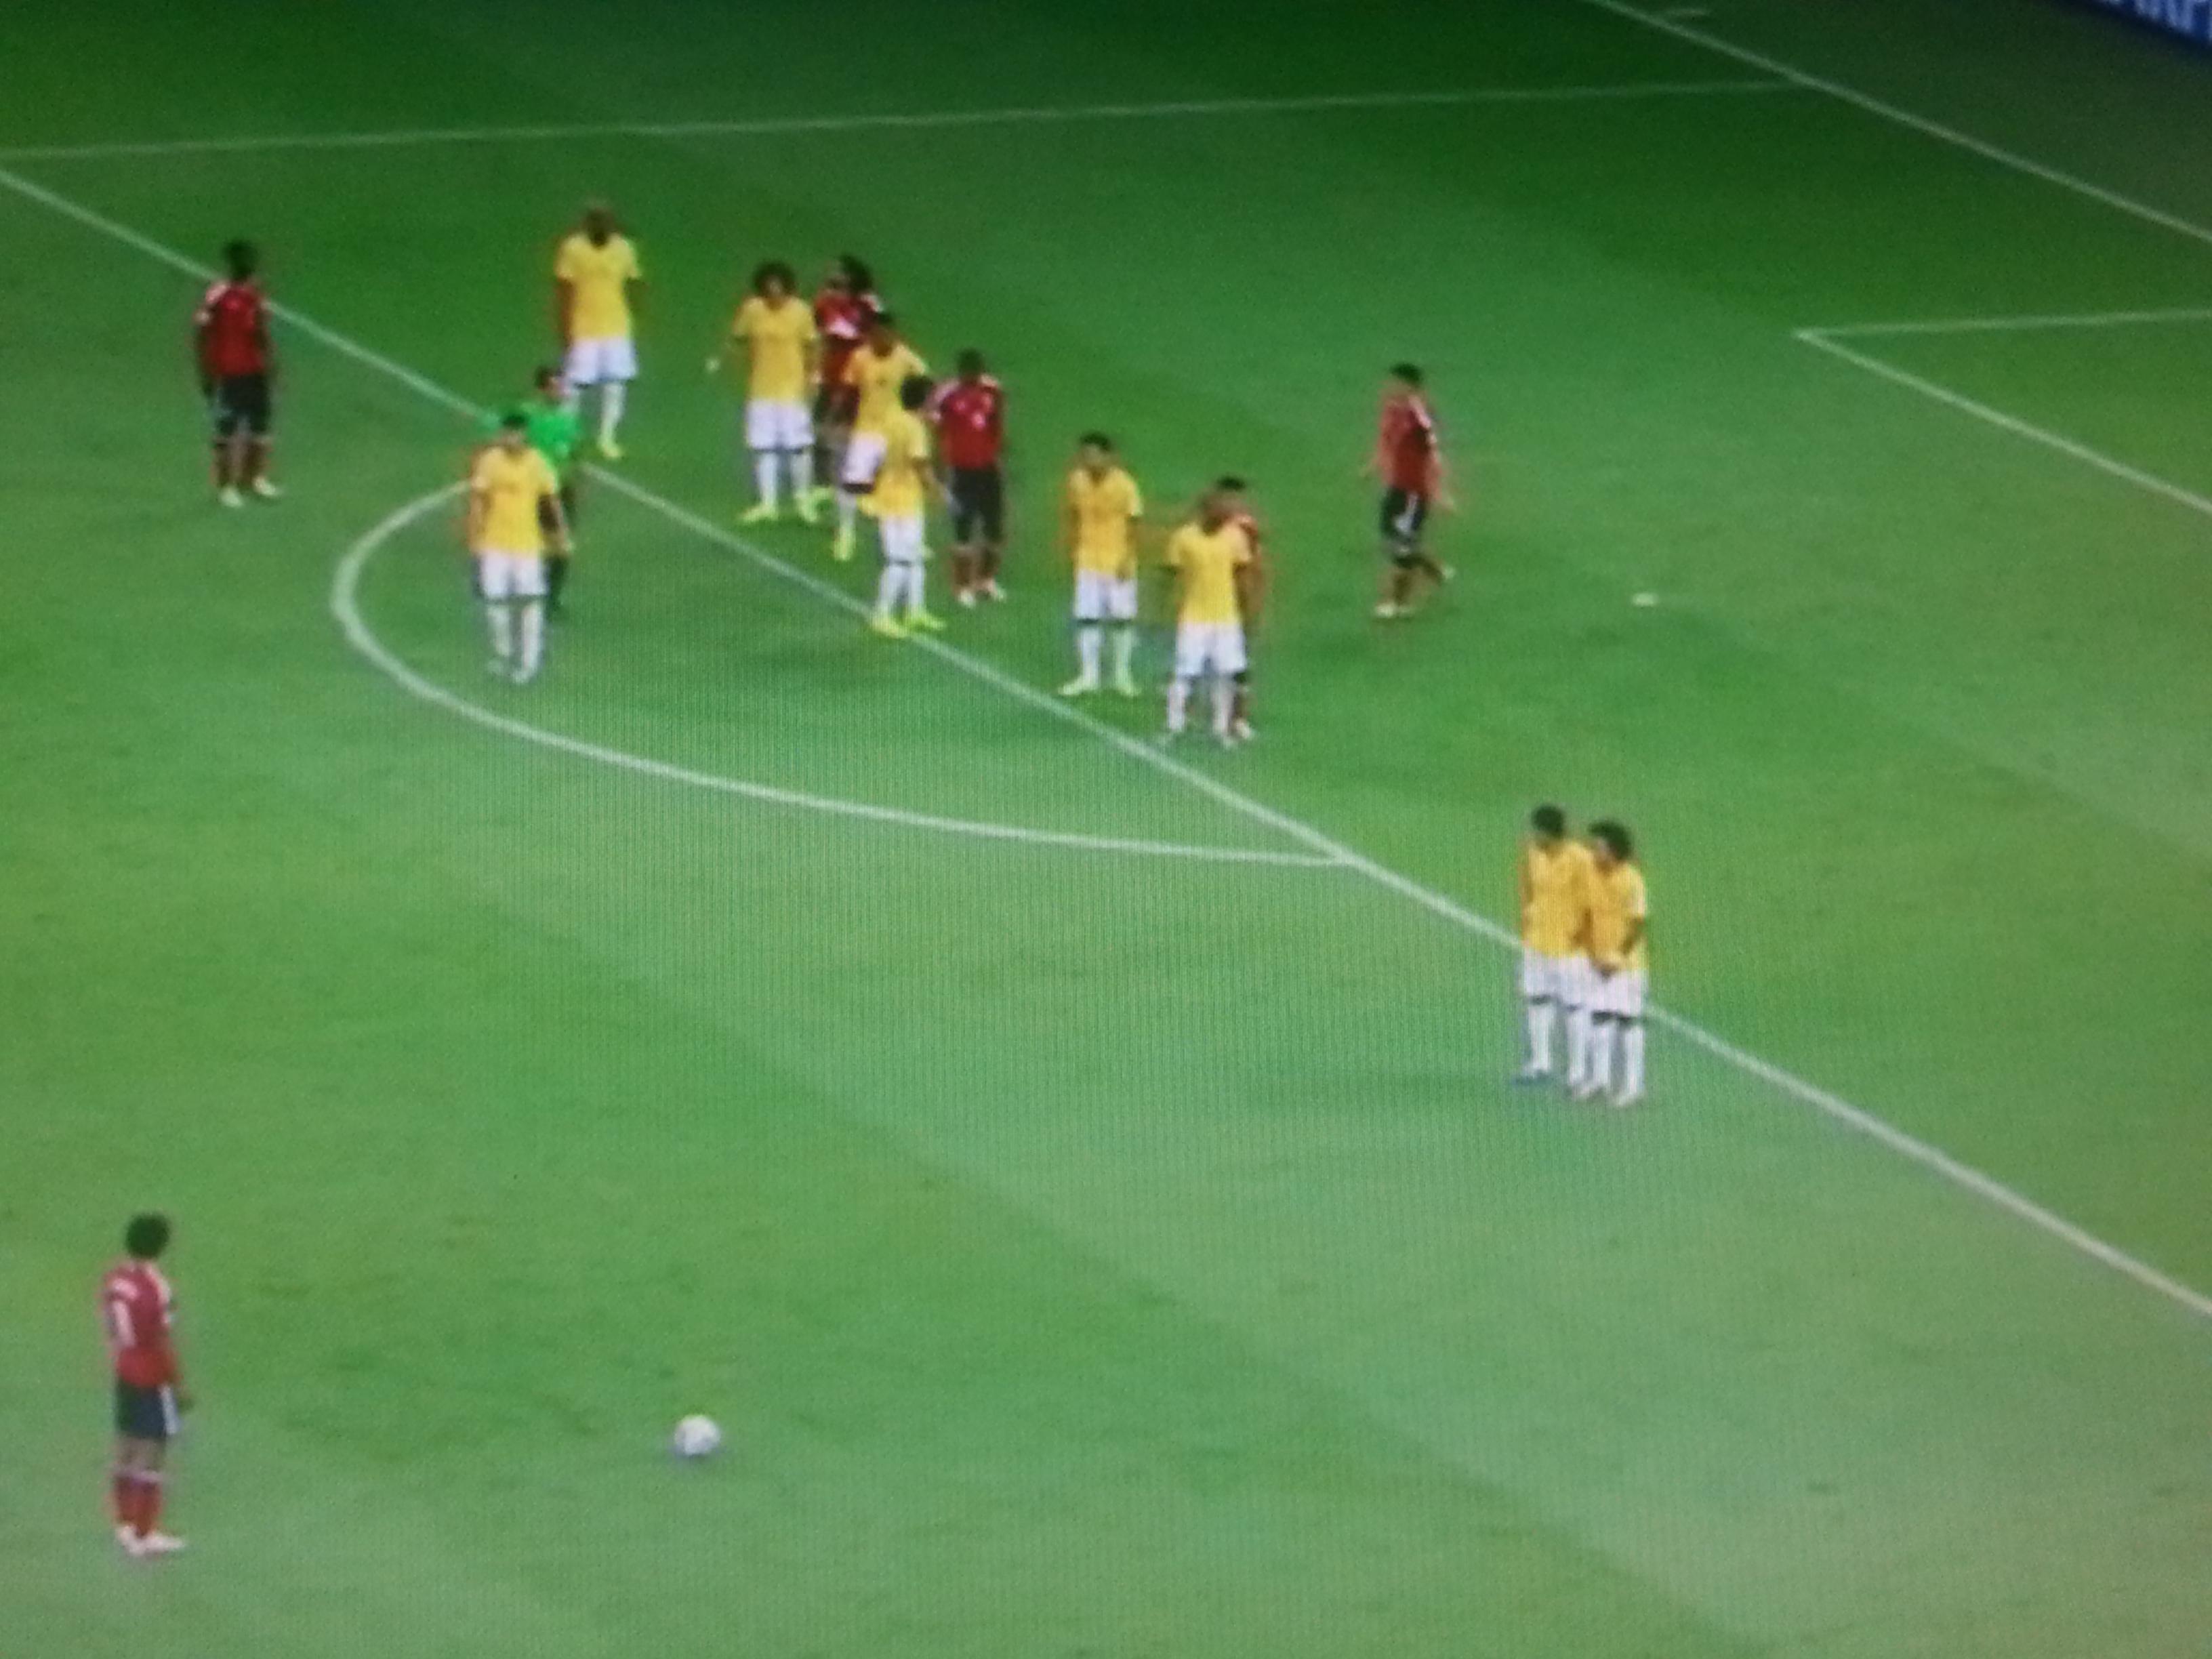 Soccer penalty kick night — Stock Photo